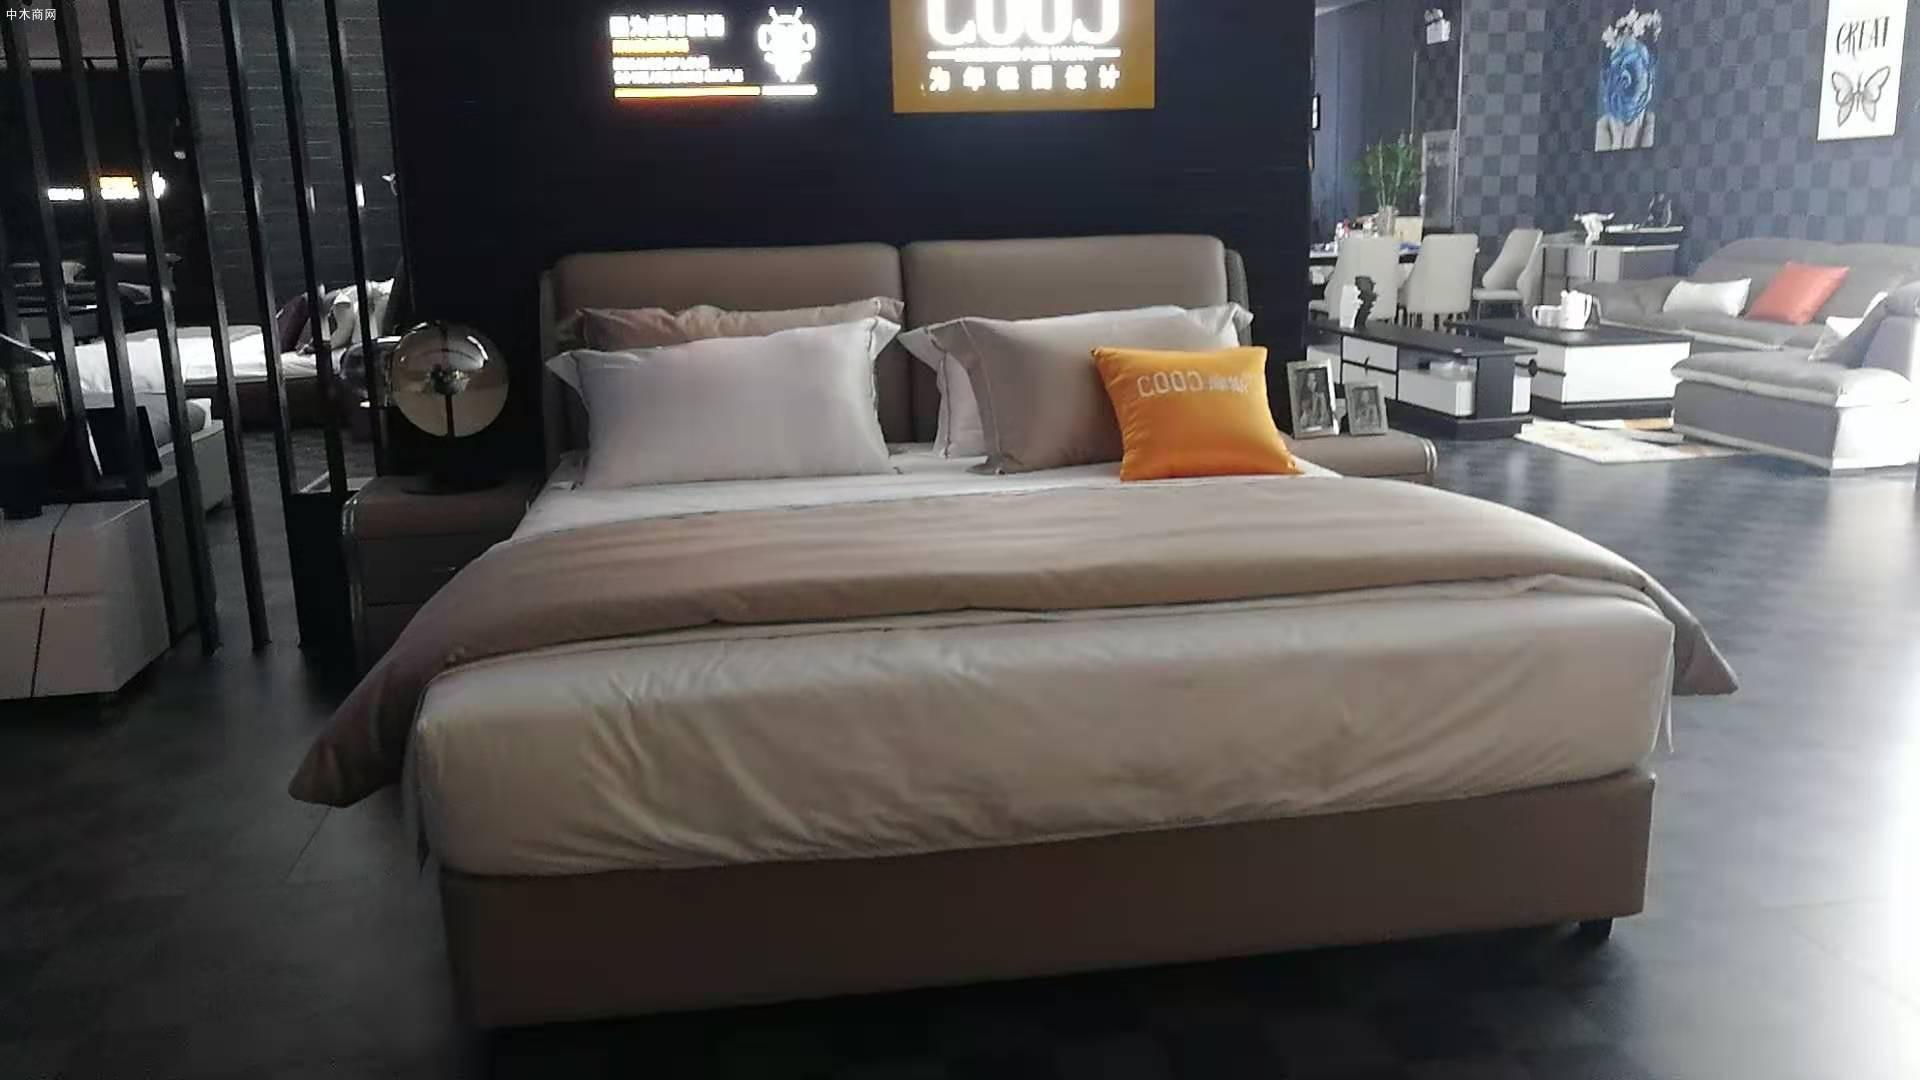 青少年睡软床还是硬床好?软床垫和硬床垫哪个对身体更好厂家